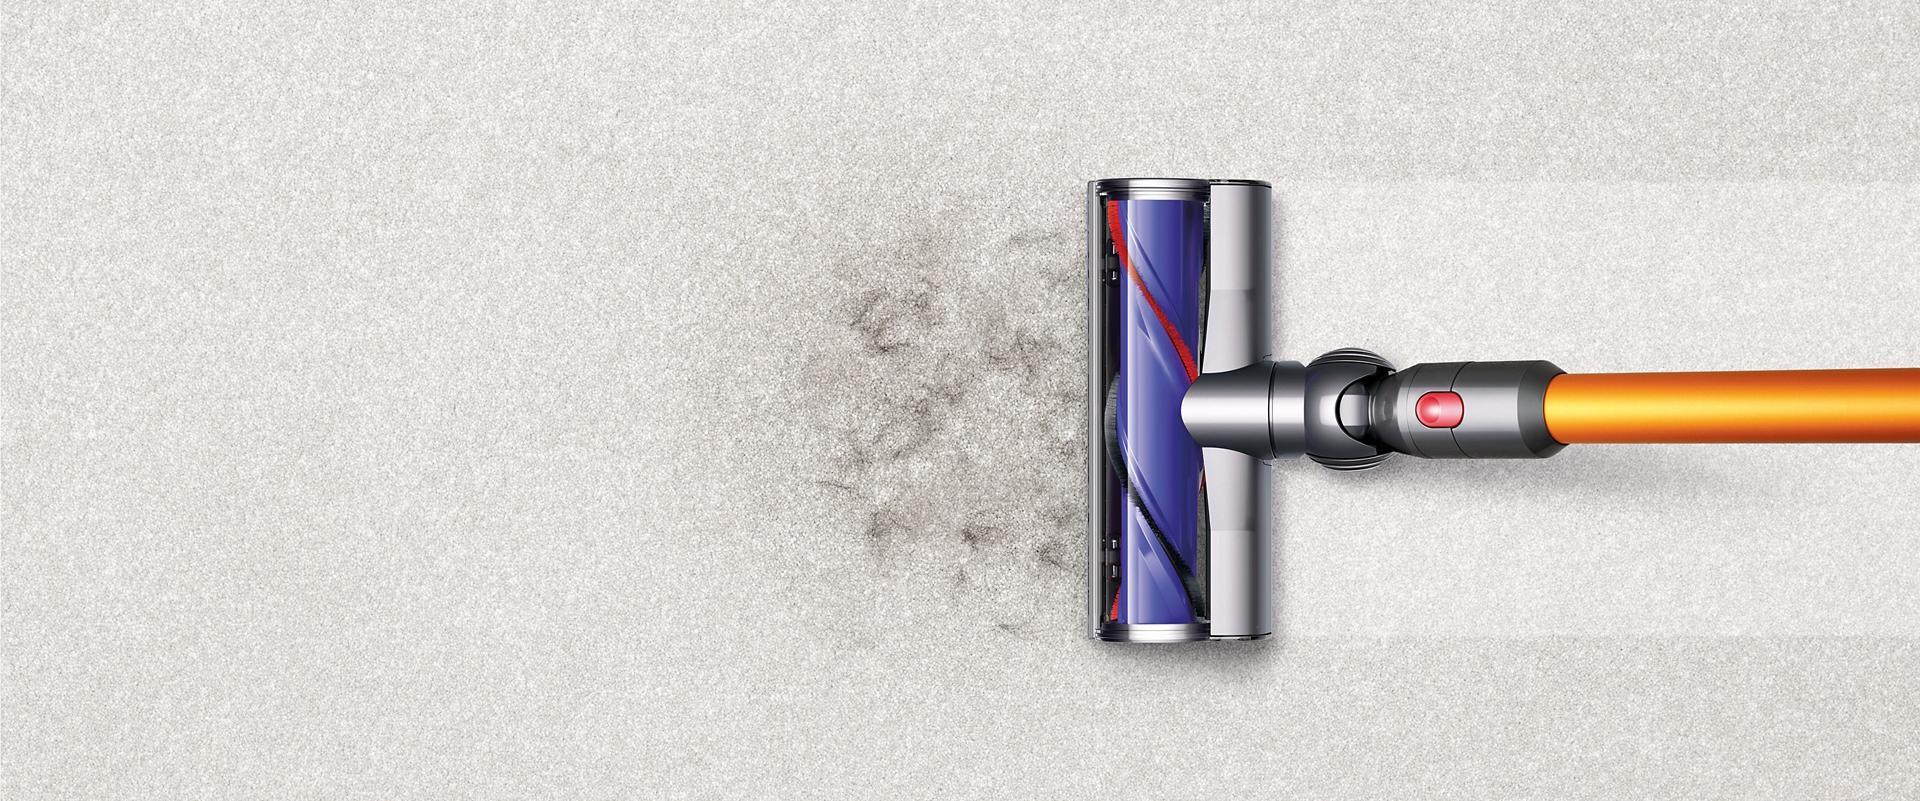 מברשת ראשית של Dyson V8 האוספת לכלוך משטיח